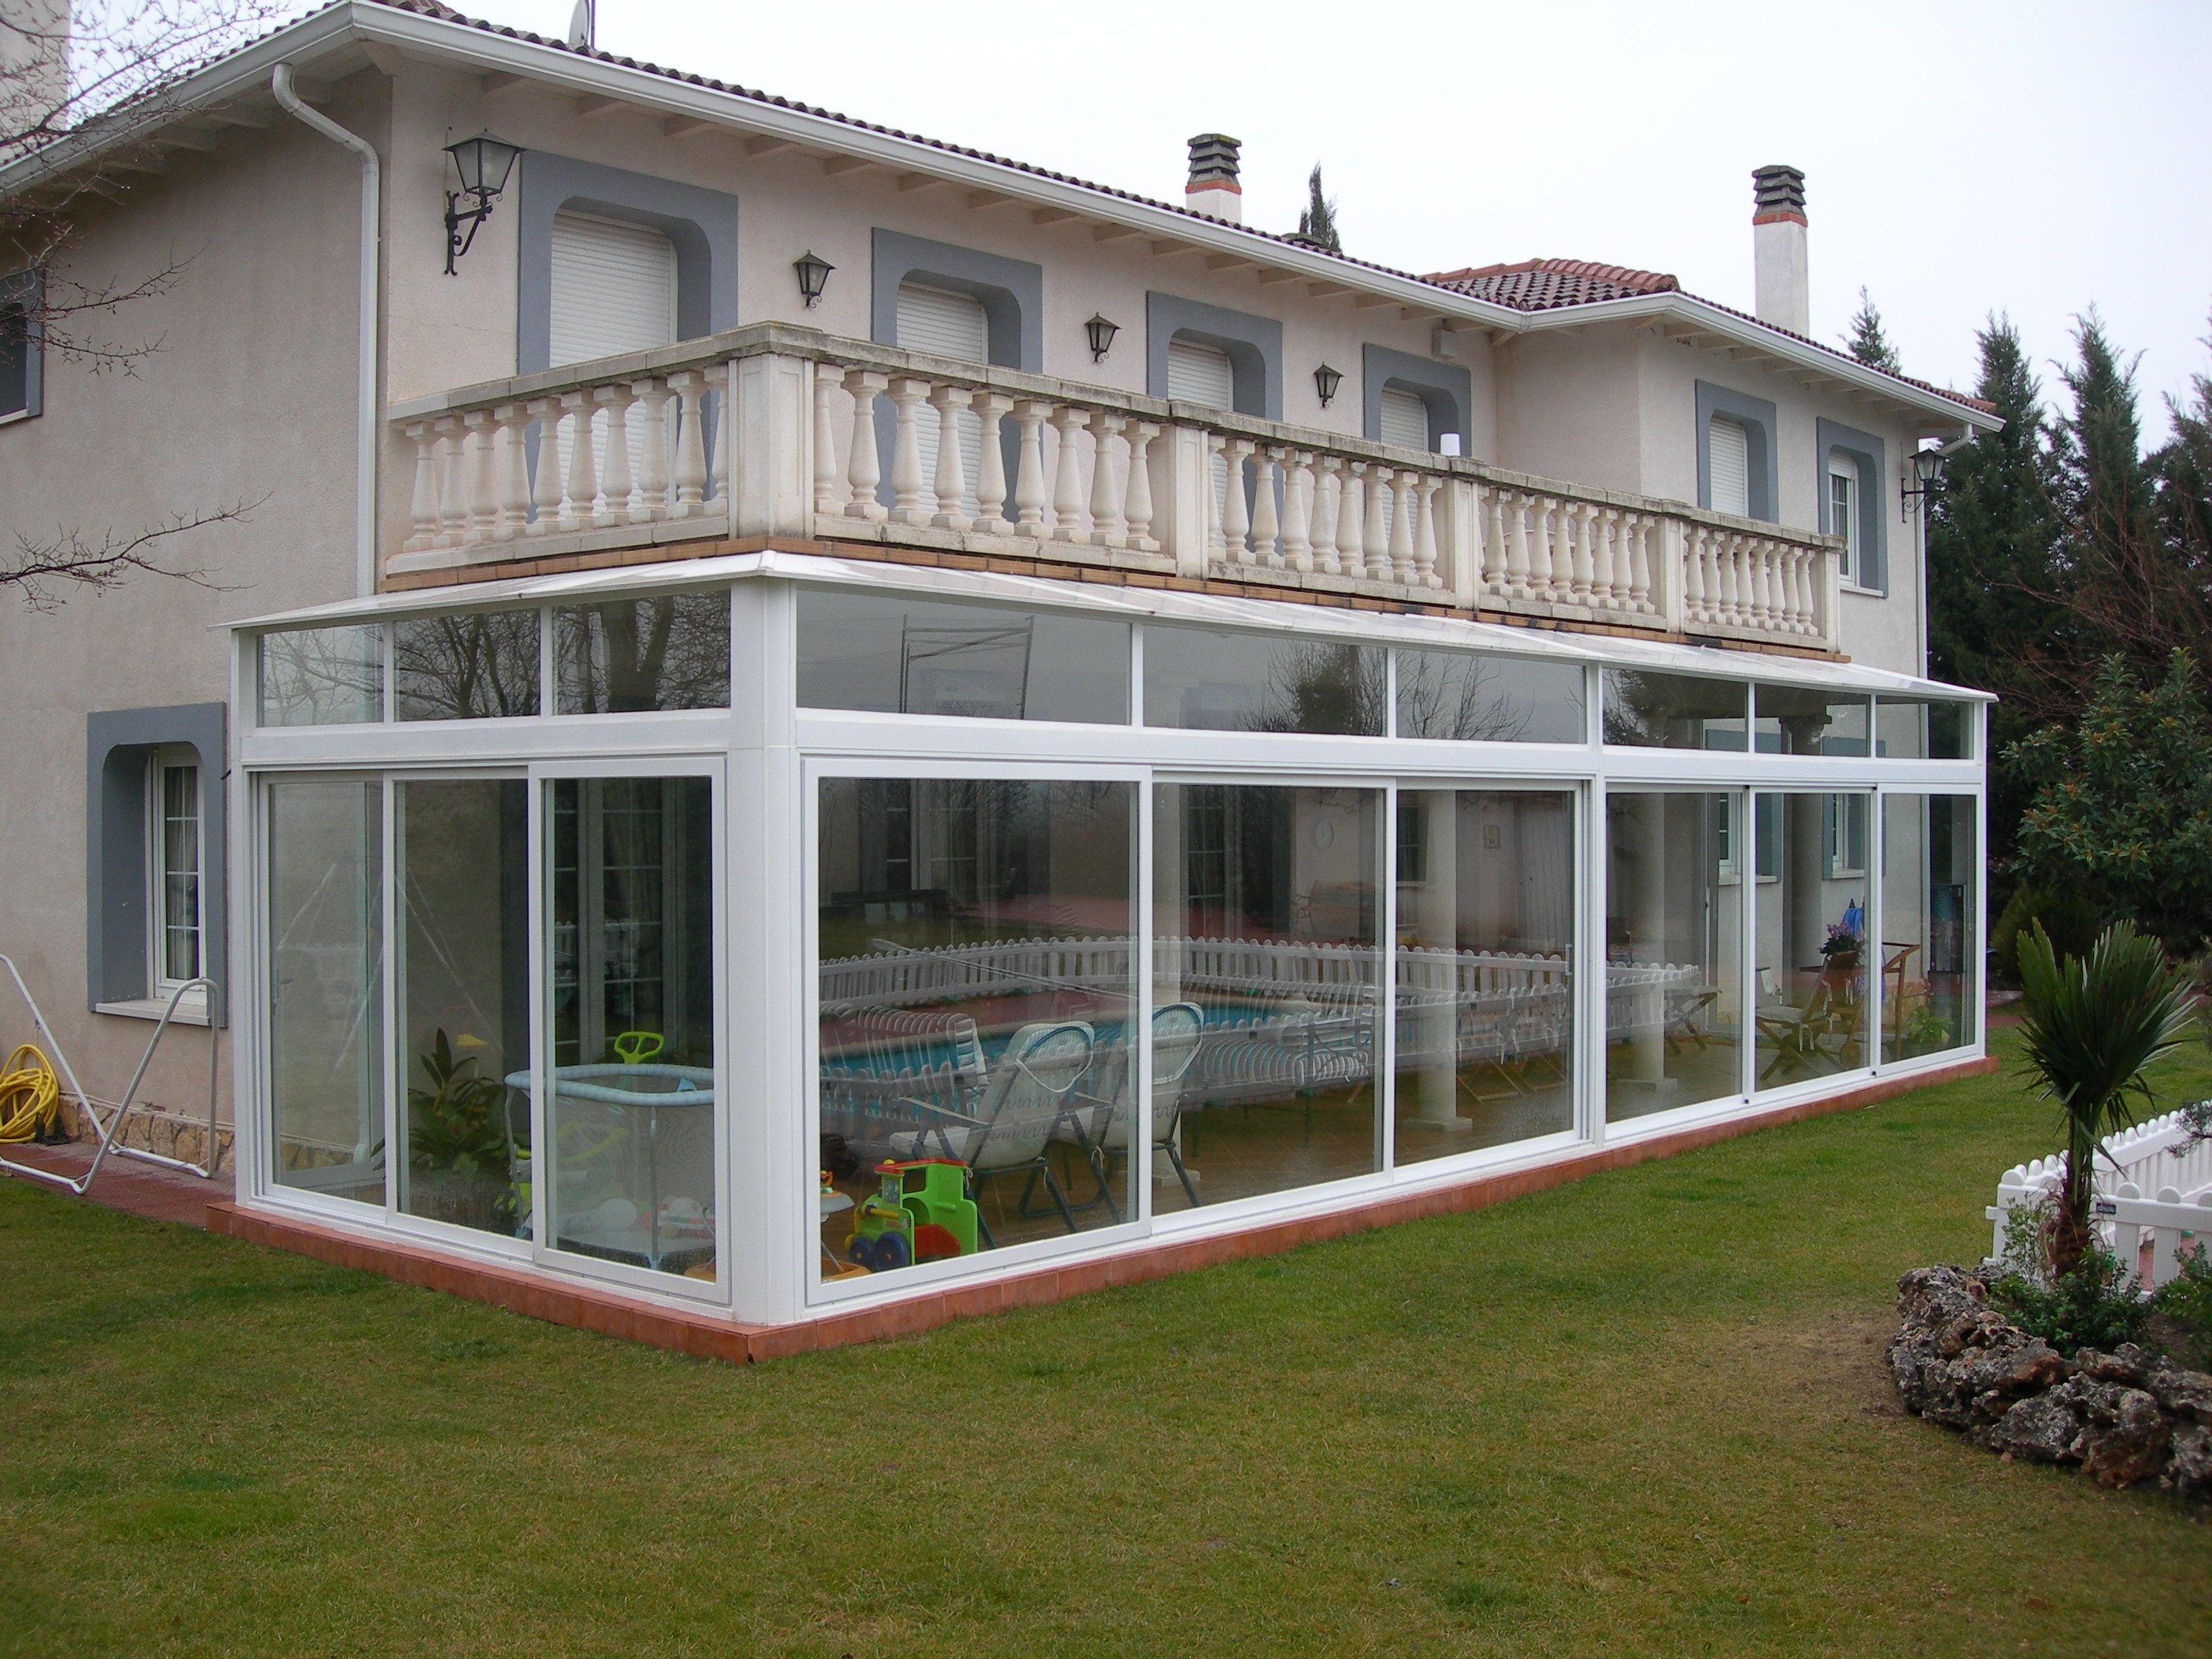 Cerramiento aluminio terraza finest terrazas de aluminio with cerramiento aluminio terraza - Aluminios escaso ...